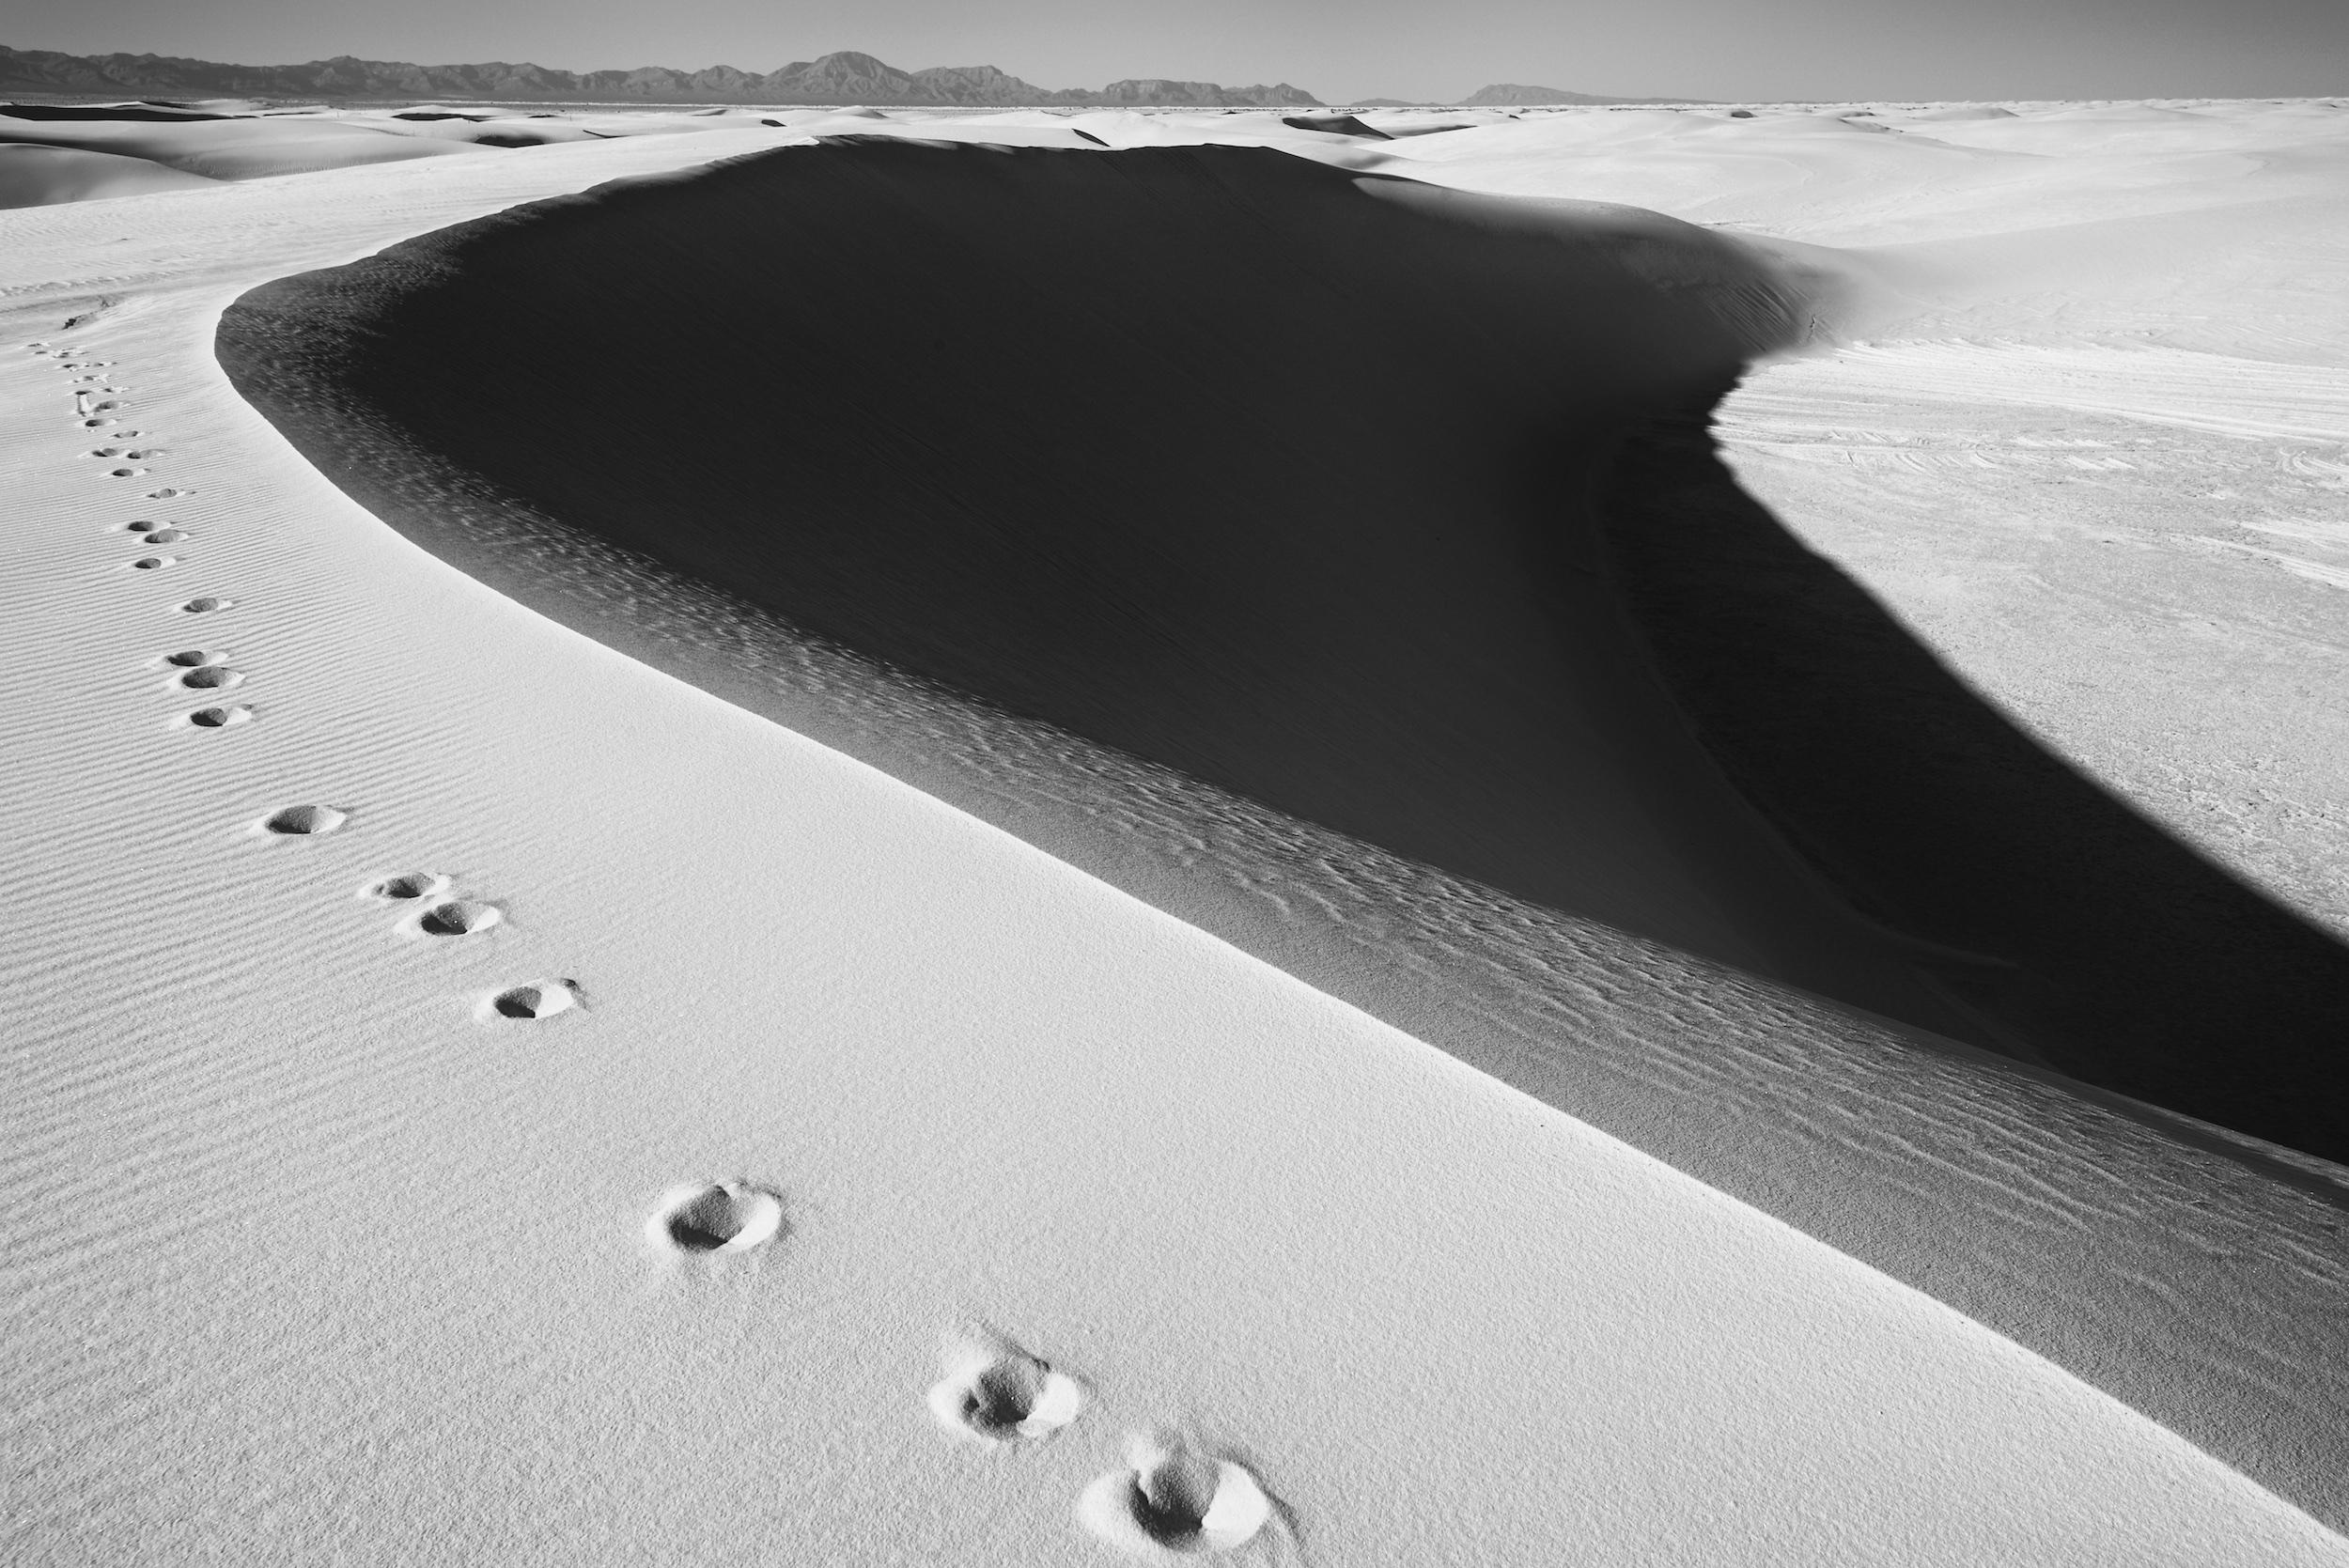 white-sands-2-24-2018-nm-84963 (1).jpg